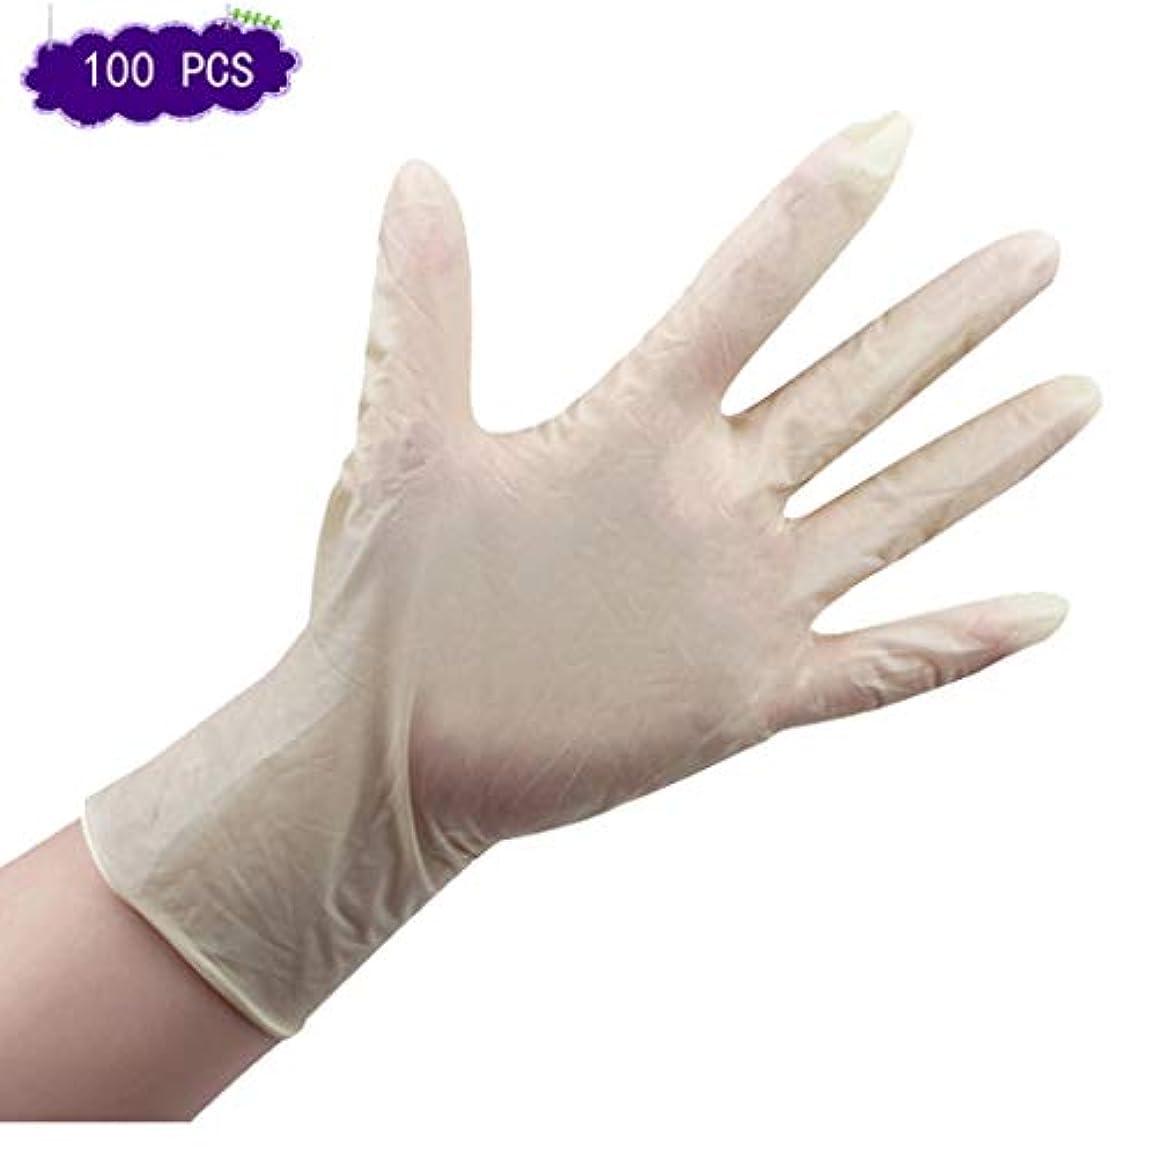 ネックレスカポック昼食9インチにアンチ油を医療ラテックス検査を厚く使い捨てラテックス手袋パウダーフリーのラテックス手袋9インチのアバタ (Color : 9 inch, Size : L)